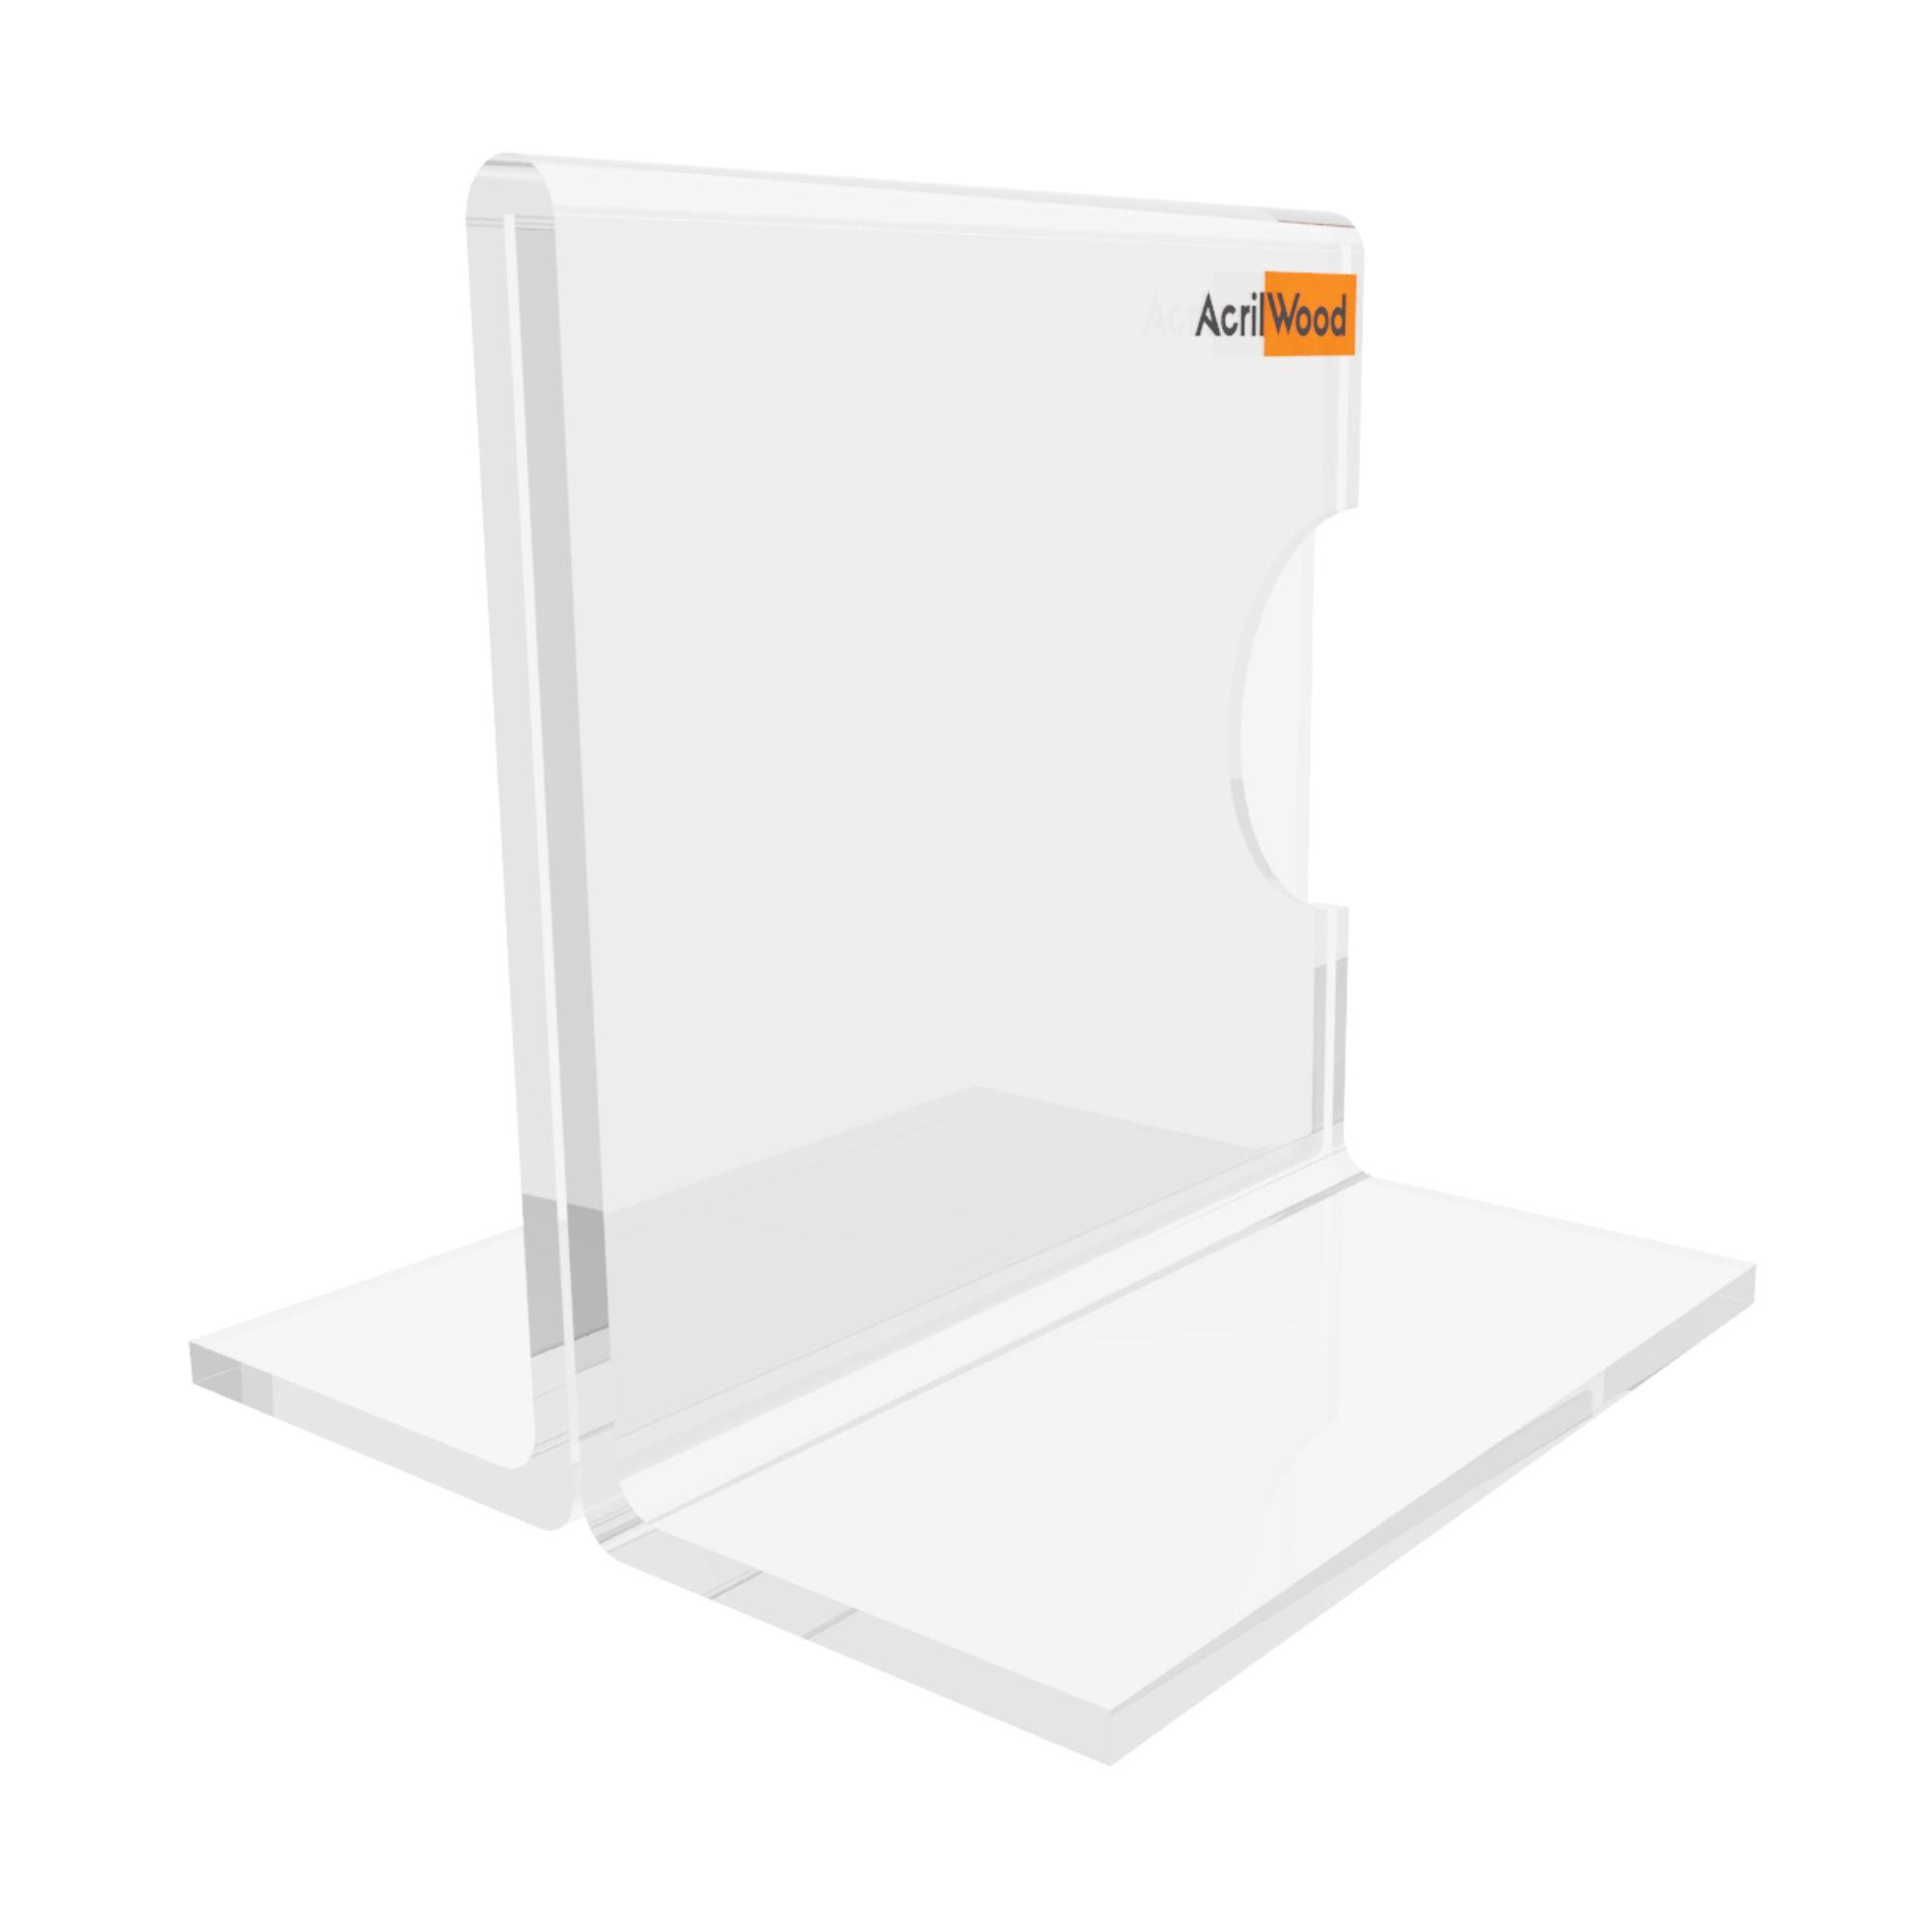 Display Precificador Em Acrílico Em T - 5x5cm